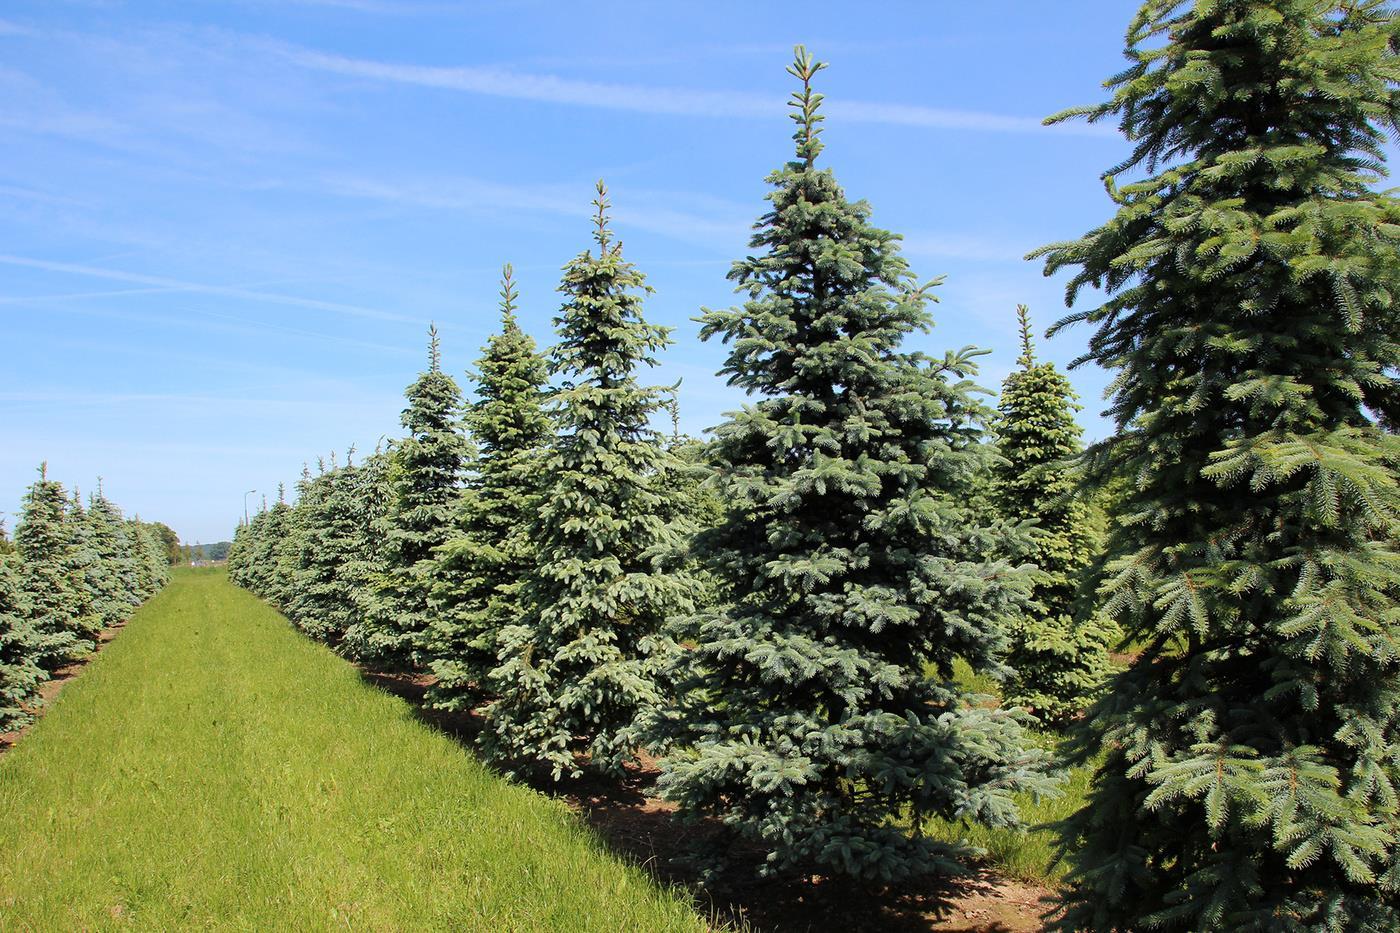 Детский сад для деревьев. В питомнике на Южном Урале вырастили больше 13 млн. саженцев